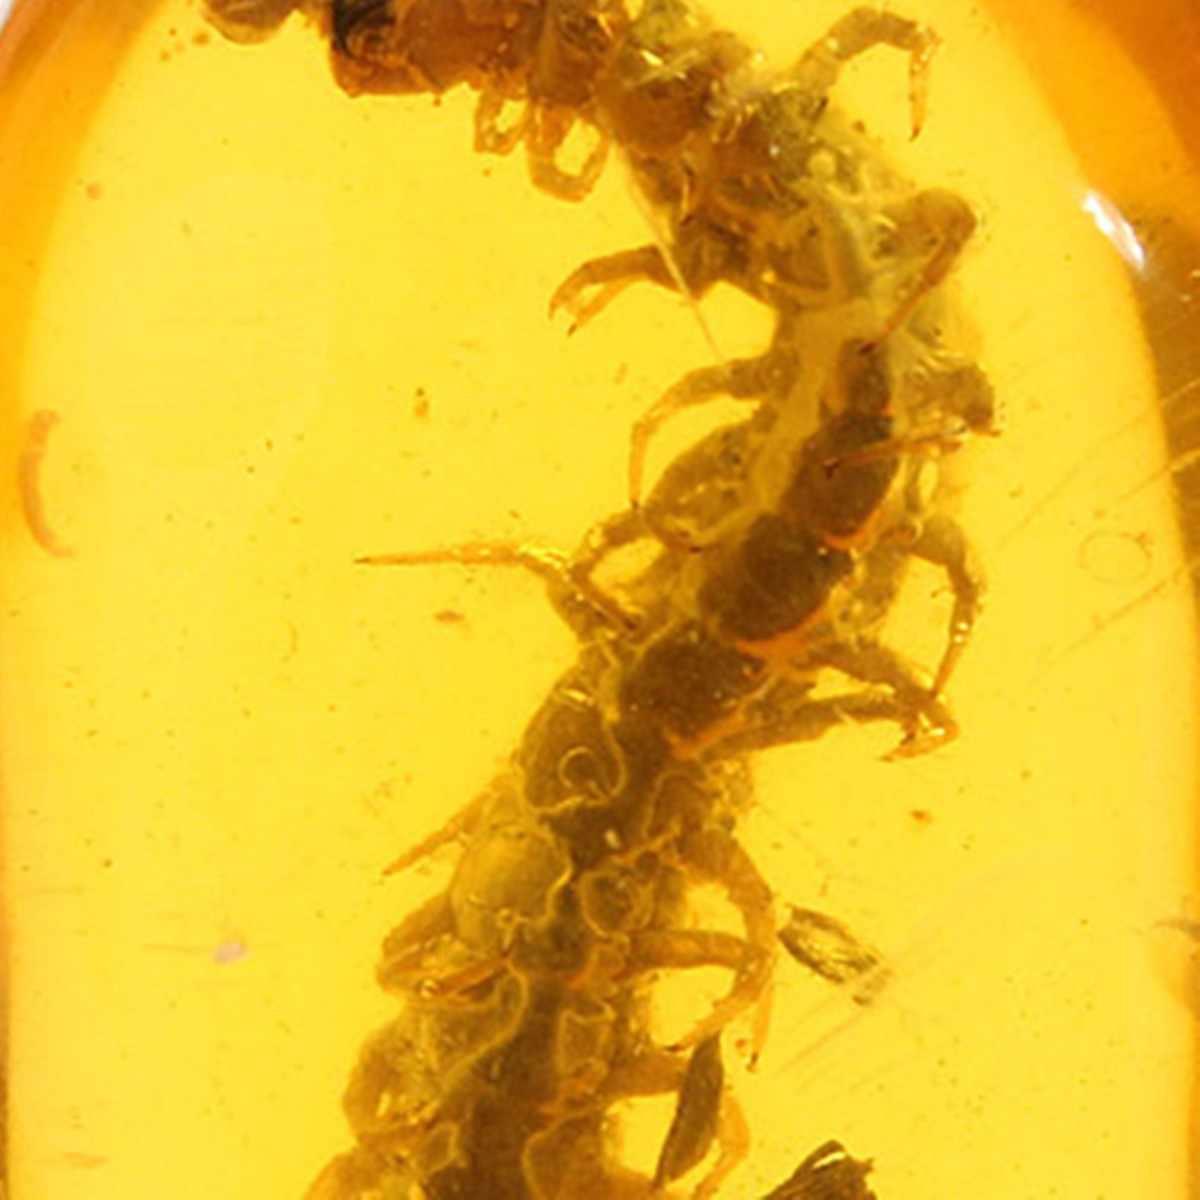 ענבר צמחים חרקים אמיתי נדלים תליון חן תכשיטי סוודר שרשרת אביזרי קישוט מלאכות מתנה